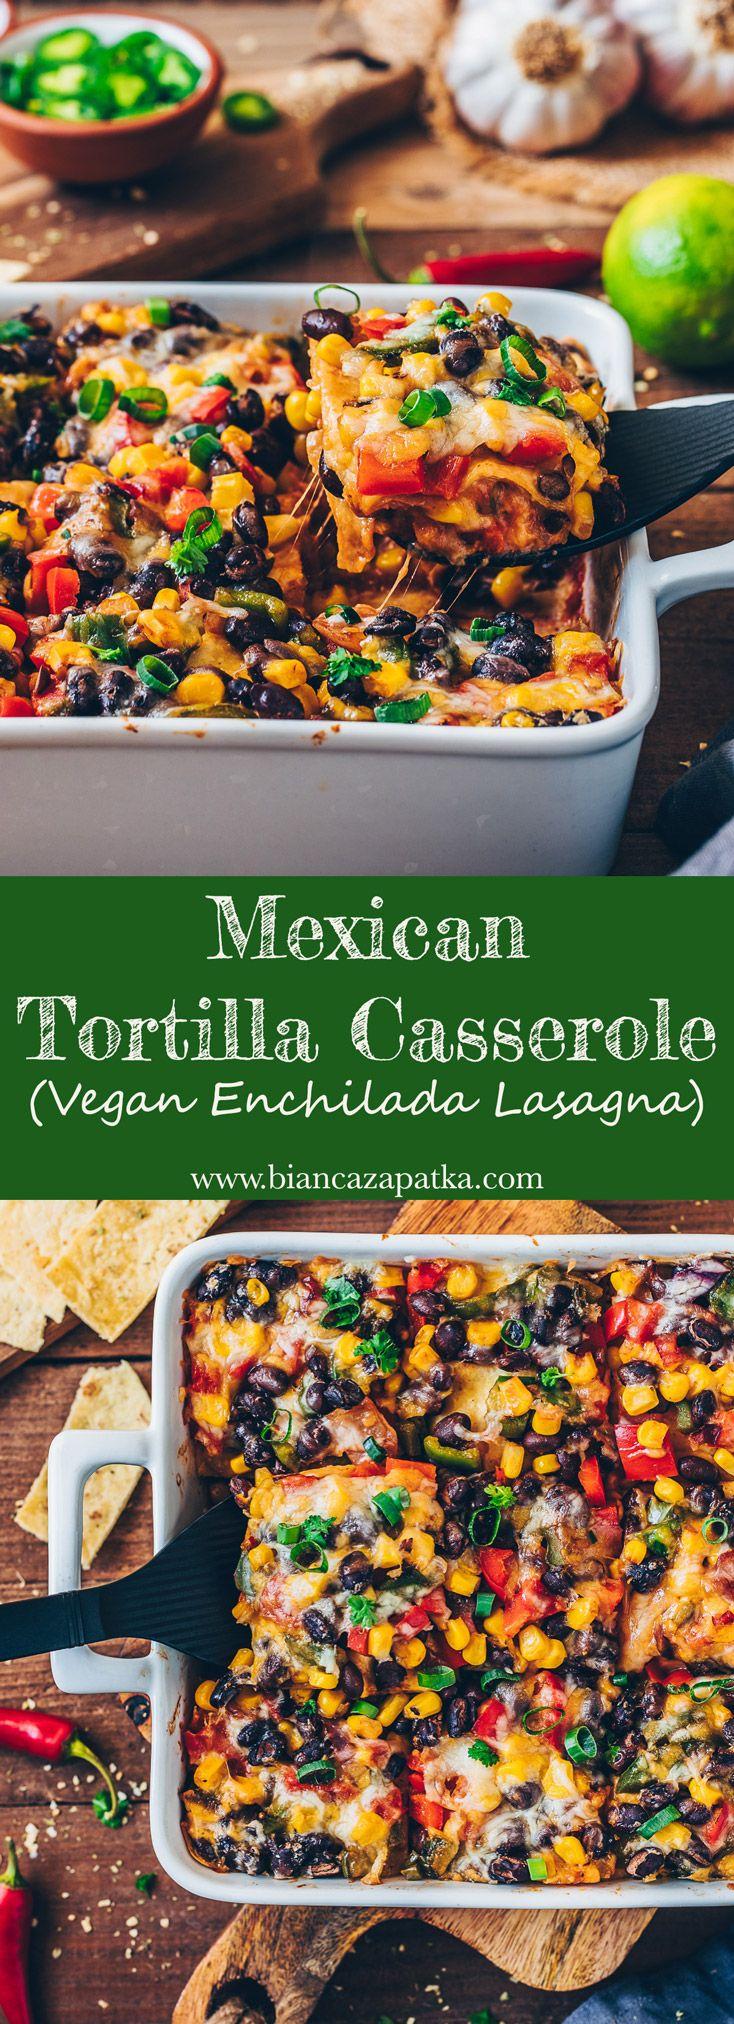 Mexican Tortilla Casserole (Vegan Enchilada Lasagna) - Bianca Zapatka | Recipes